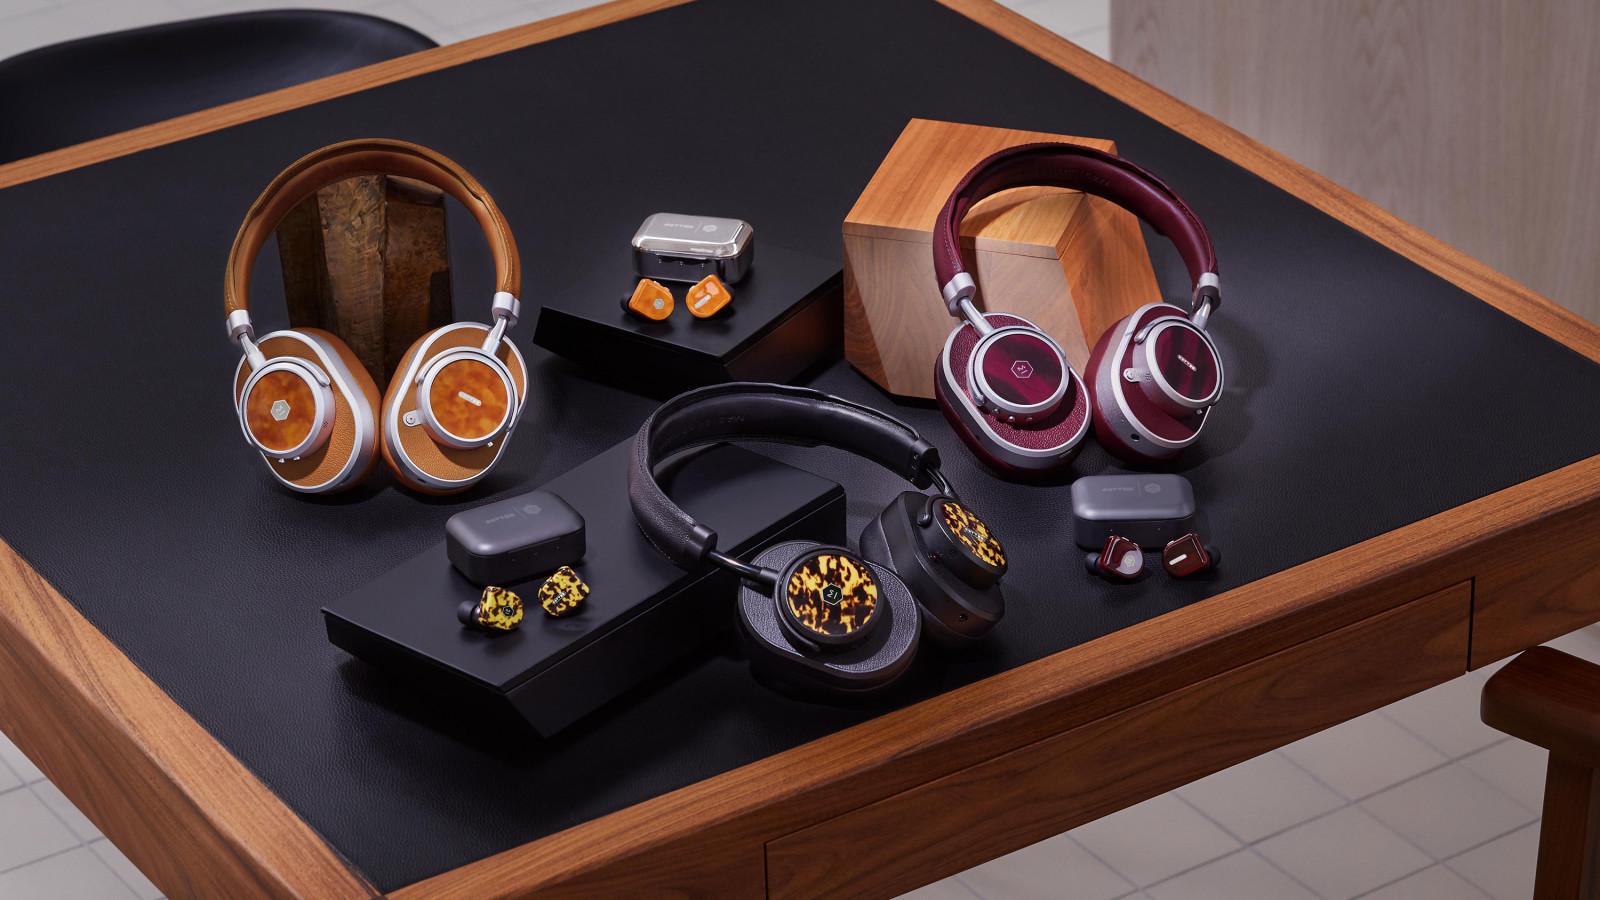 Die neuen Kopfhörer der Oliver Peoples x Master & Dynamic Kollektion